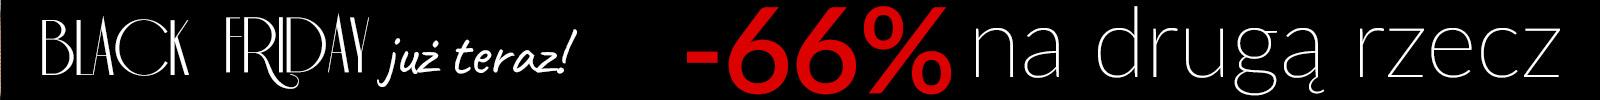 Black Friday -66% na drugą rzecz!